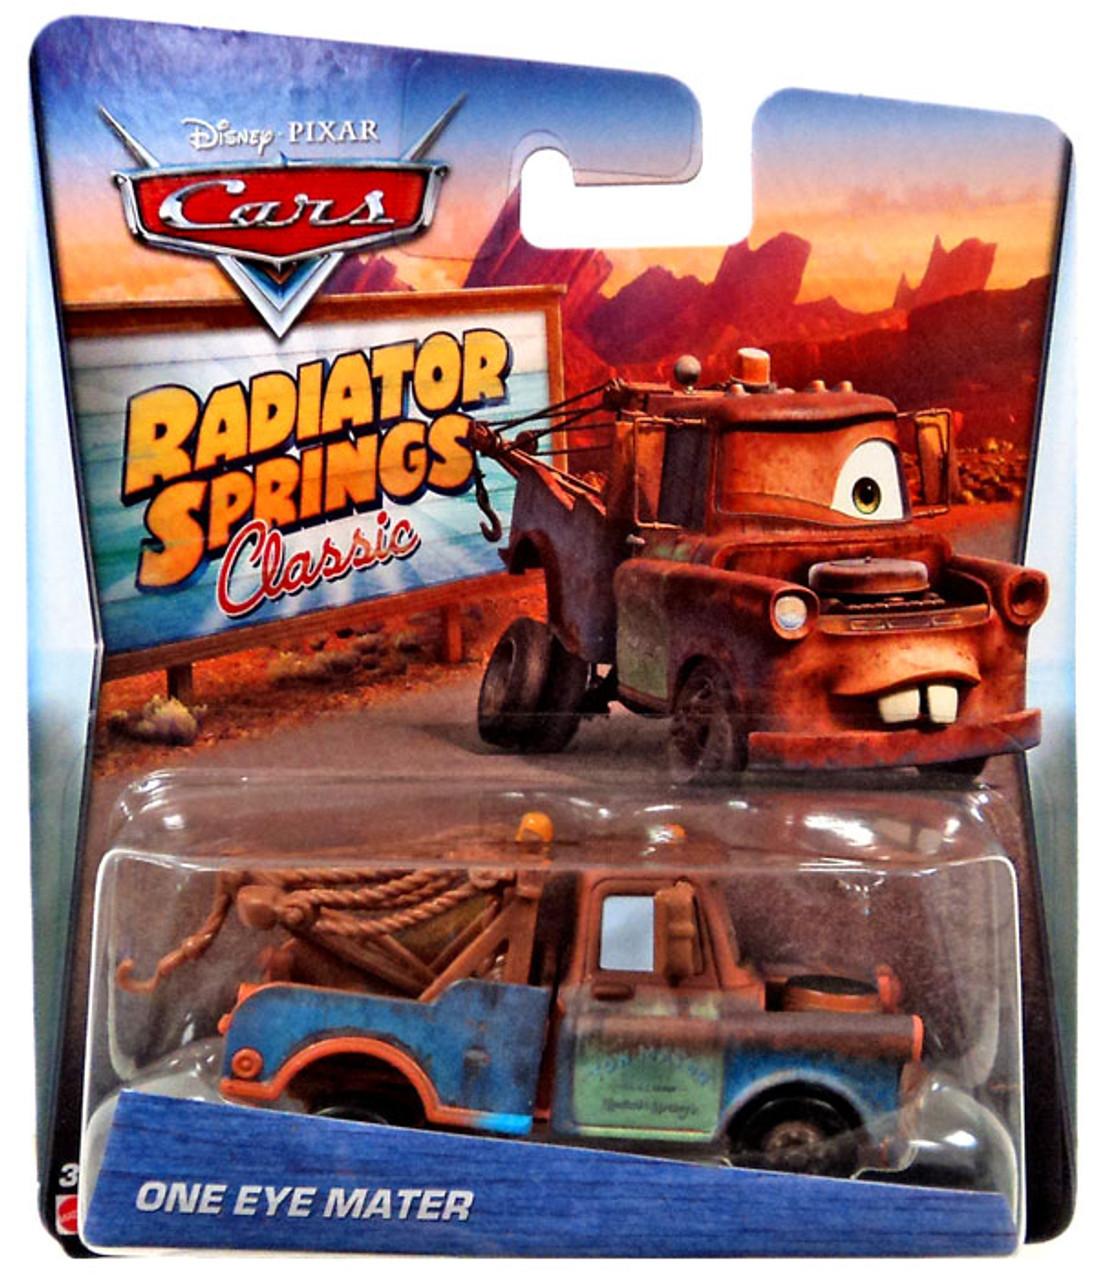 Juguetes Galloping Geargrinder Mattel Disney Cars 1 55 Radiator Springs Metal Diecast Spsadvogados Com Br